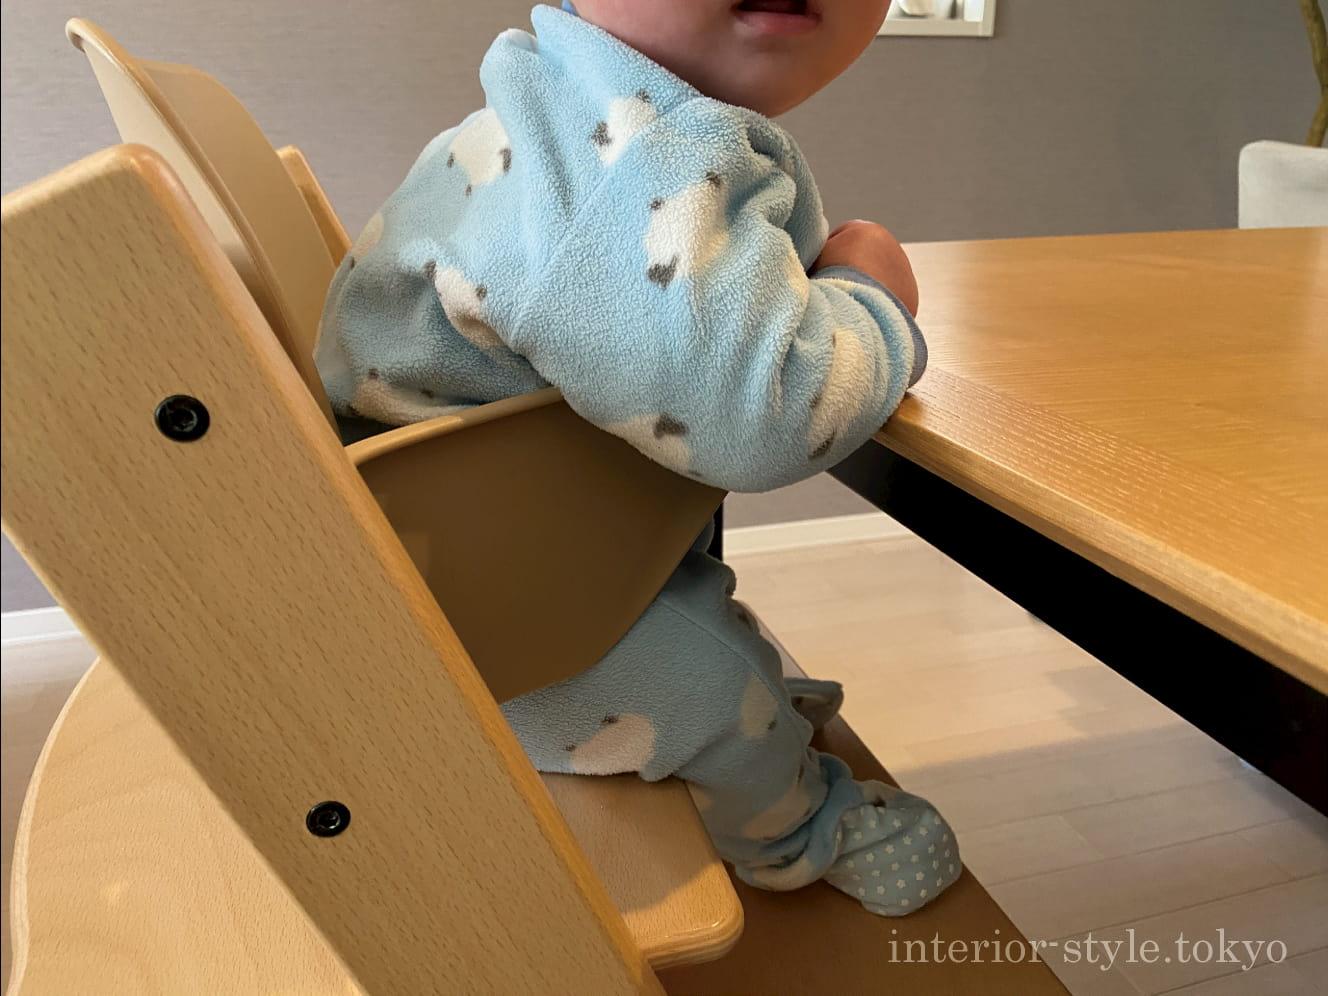 ベビーセットを装着したトリップトラップにに座る赤ちゃん